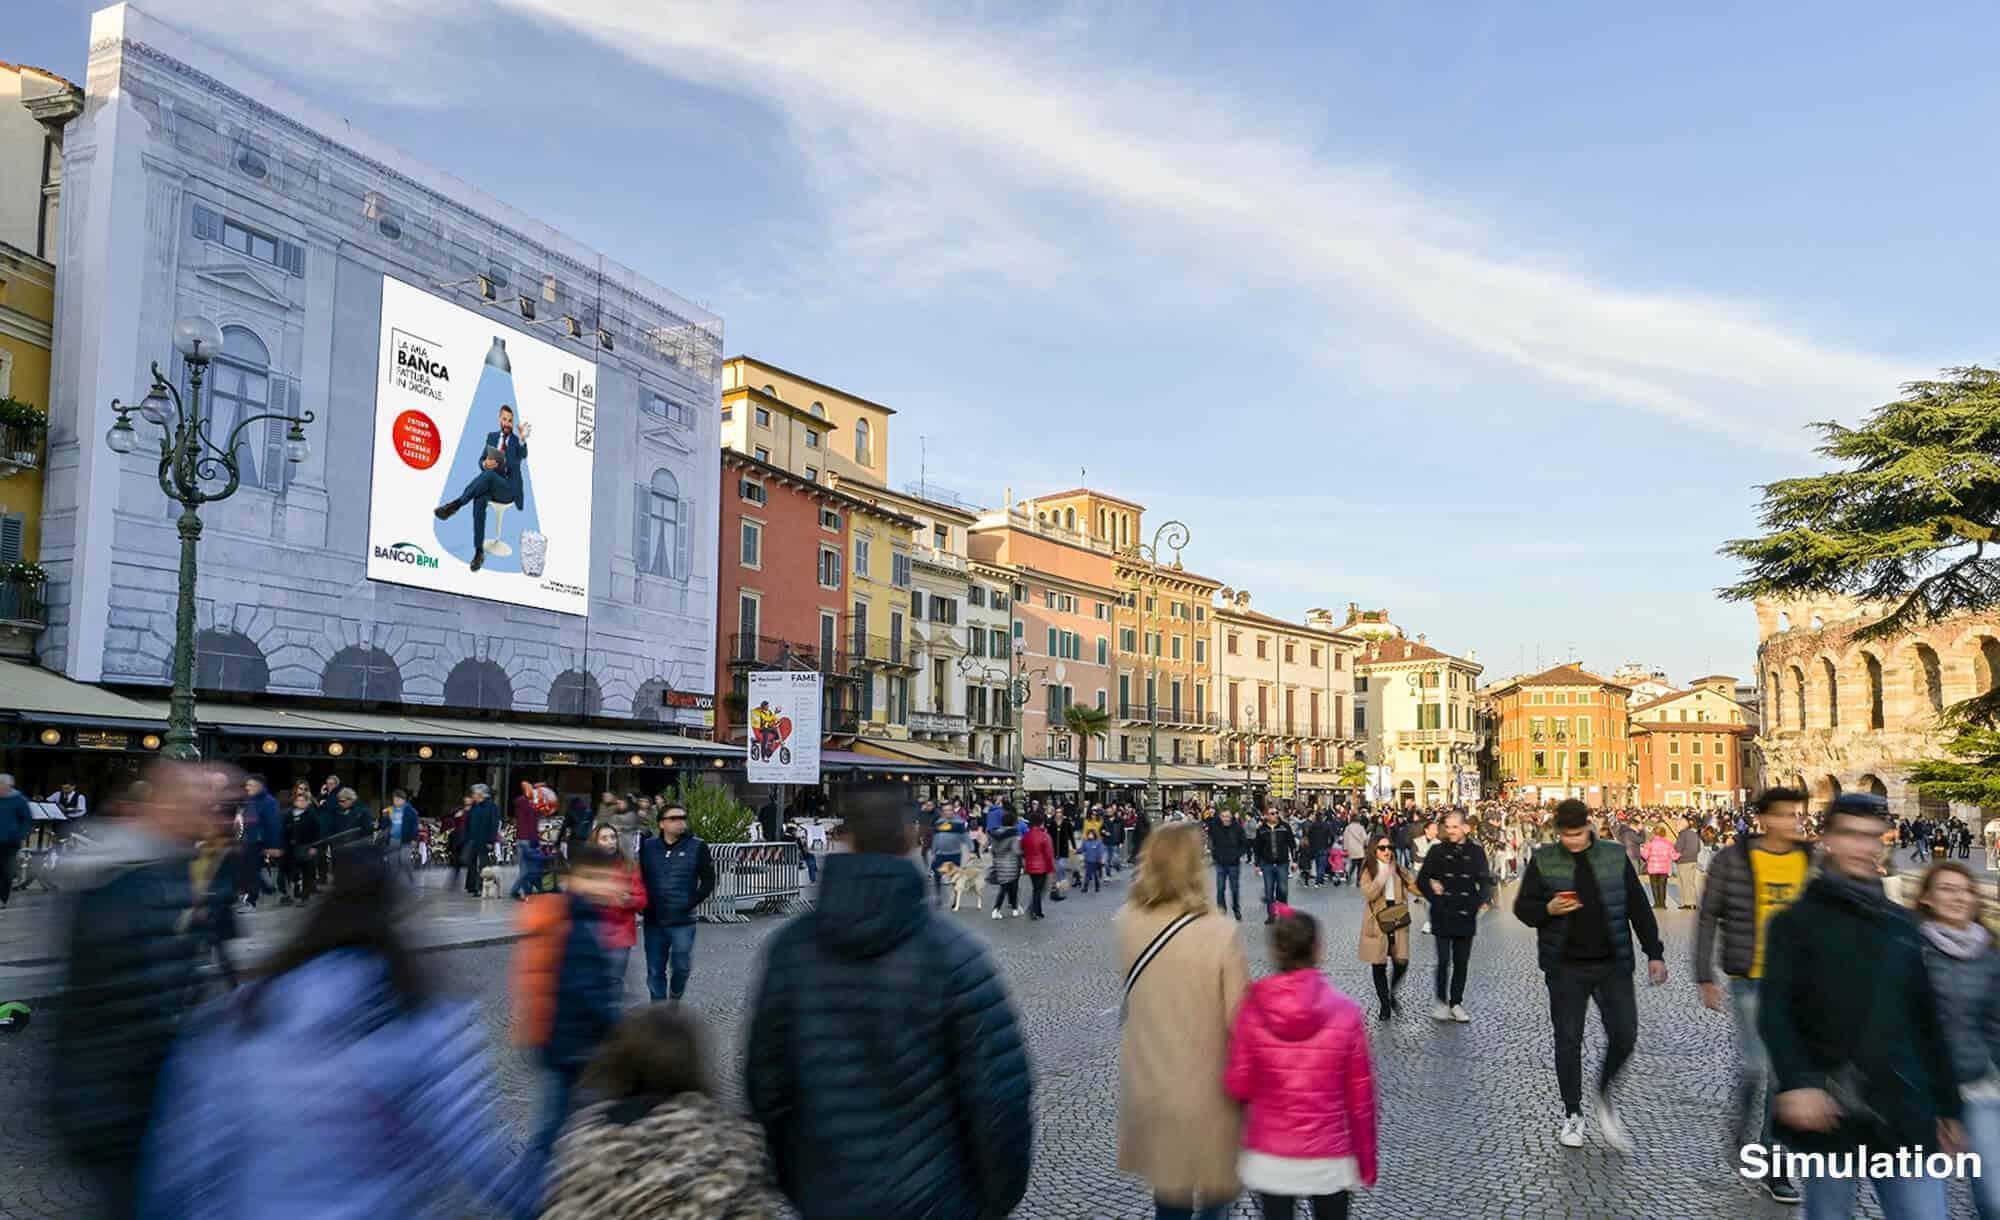 Bellissima Maxi Affissione di Streetvox in Piazza Bra, con vista dell'Arena di Verona